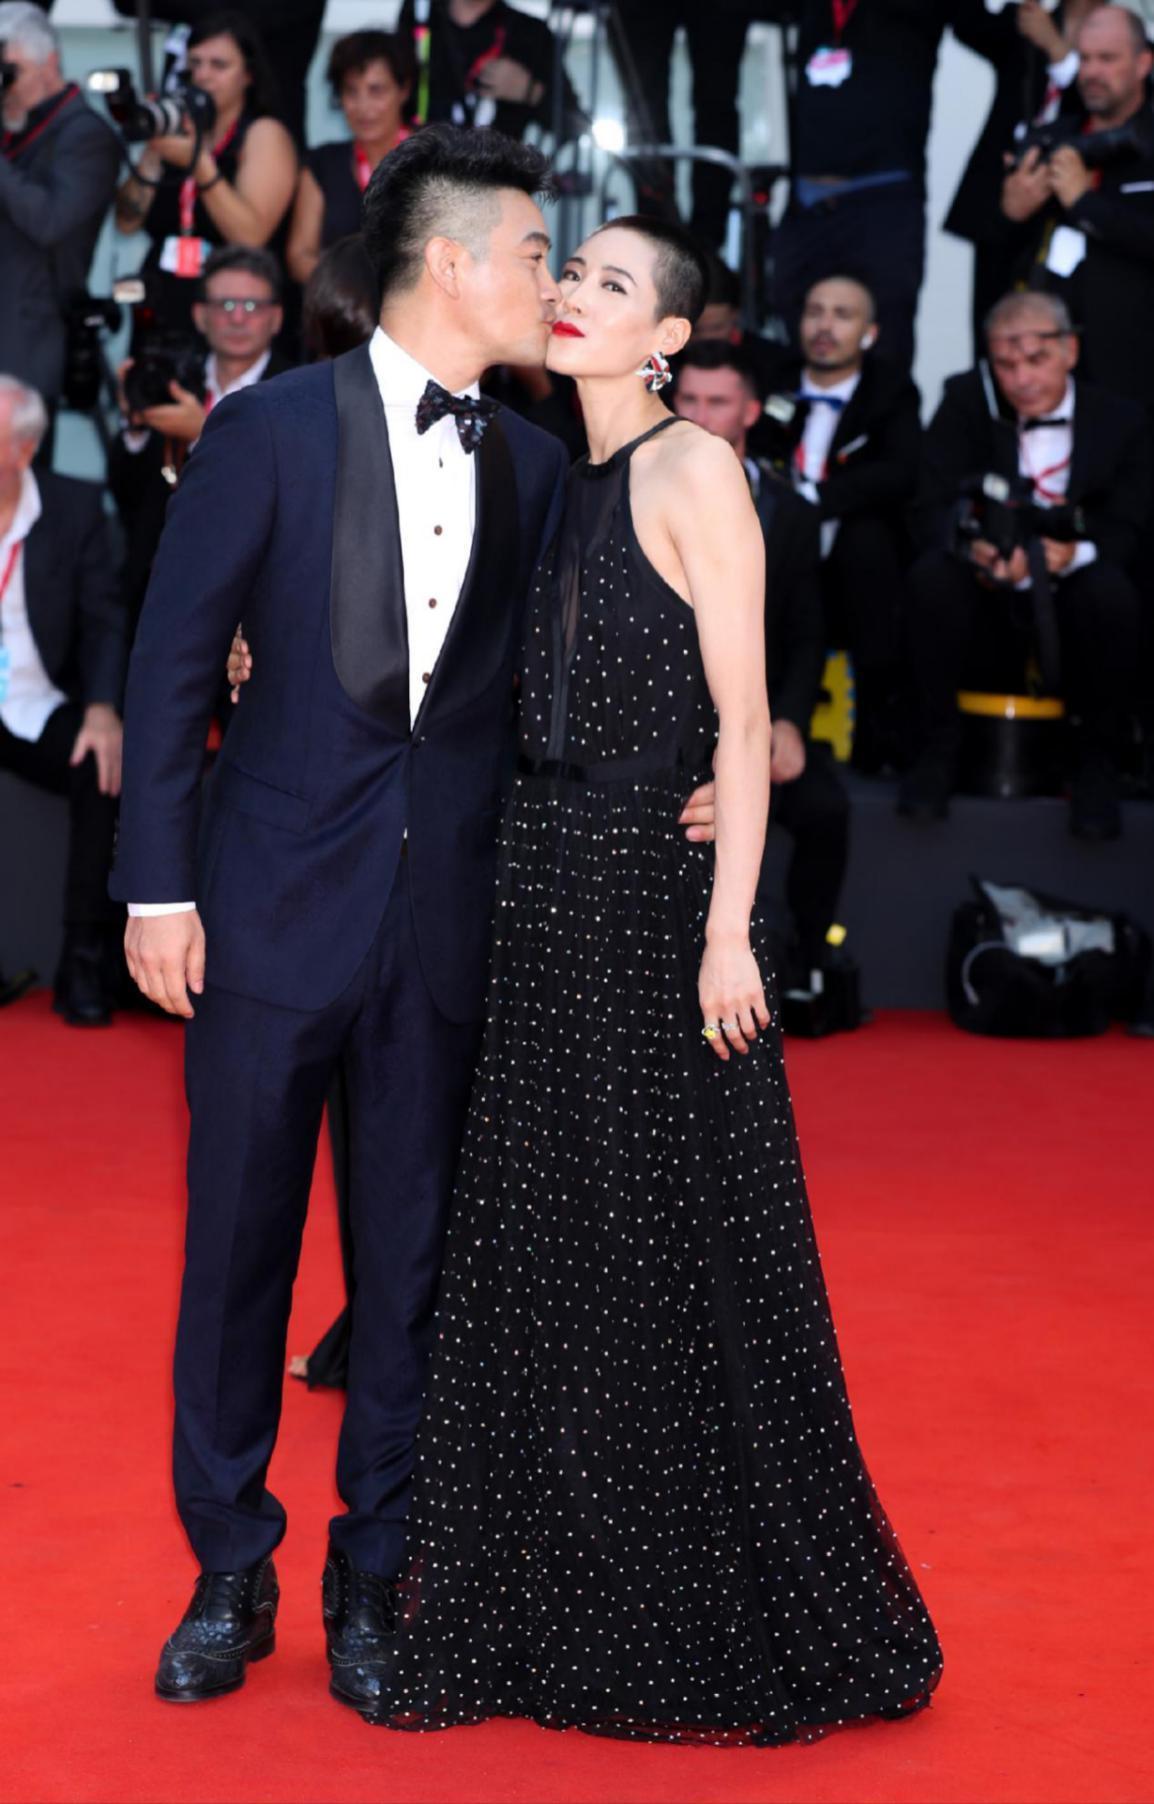 《我的英雄》威尼斯首映 樊昊仑景珂红毯贴面热吻